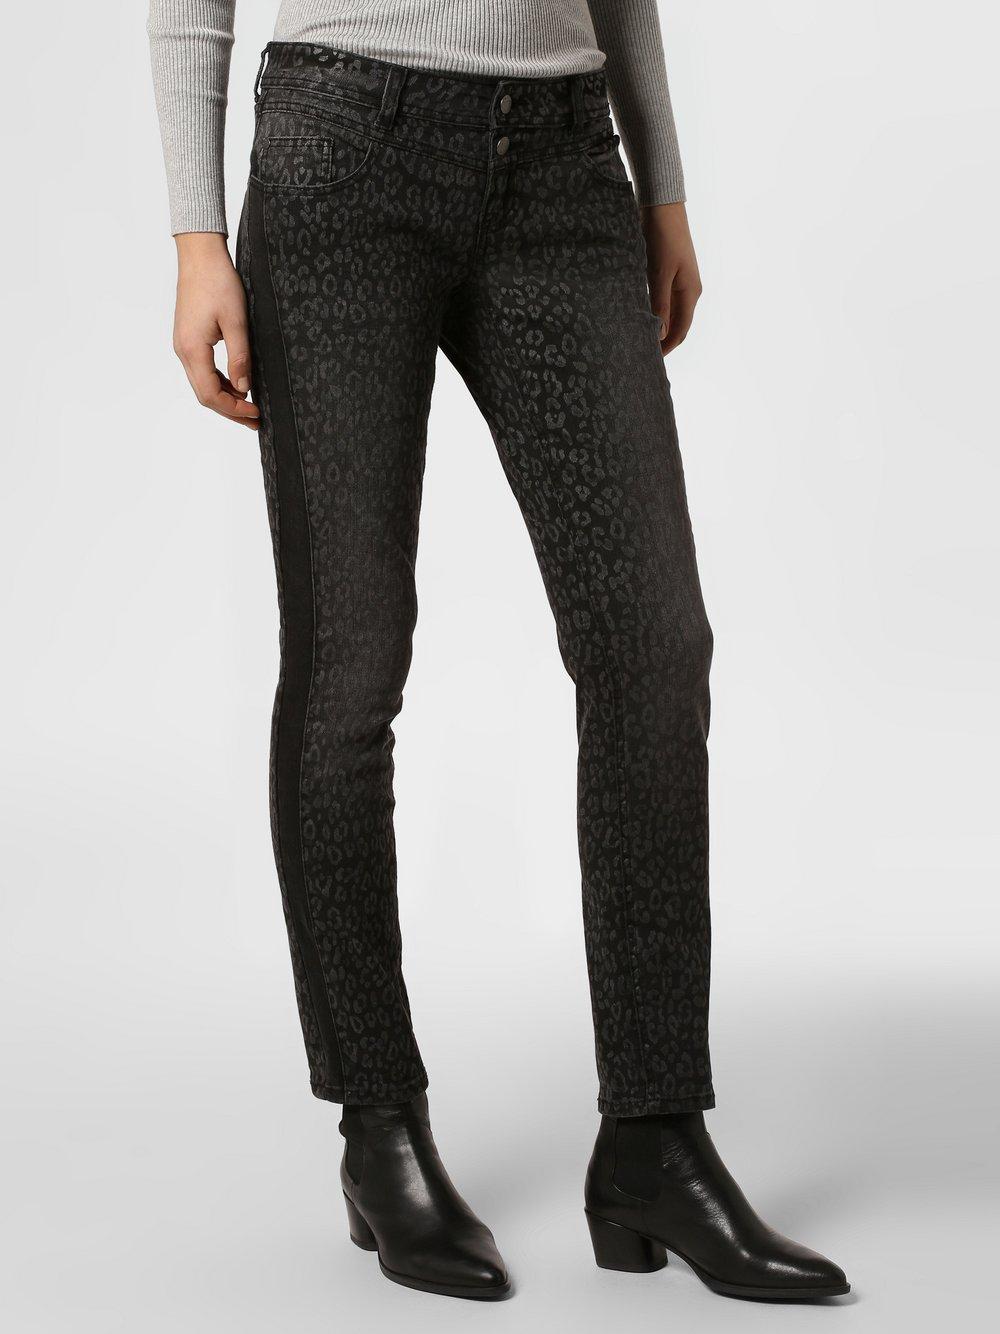 Street One – Spodnie damskie – Crissi, czarny Van Graaf 459577-0001-03030